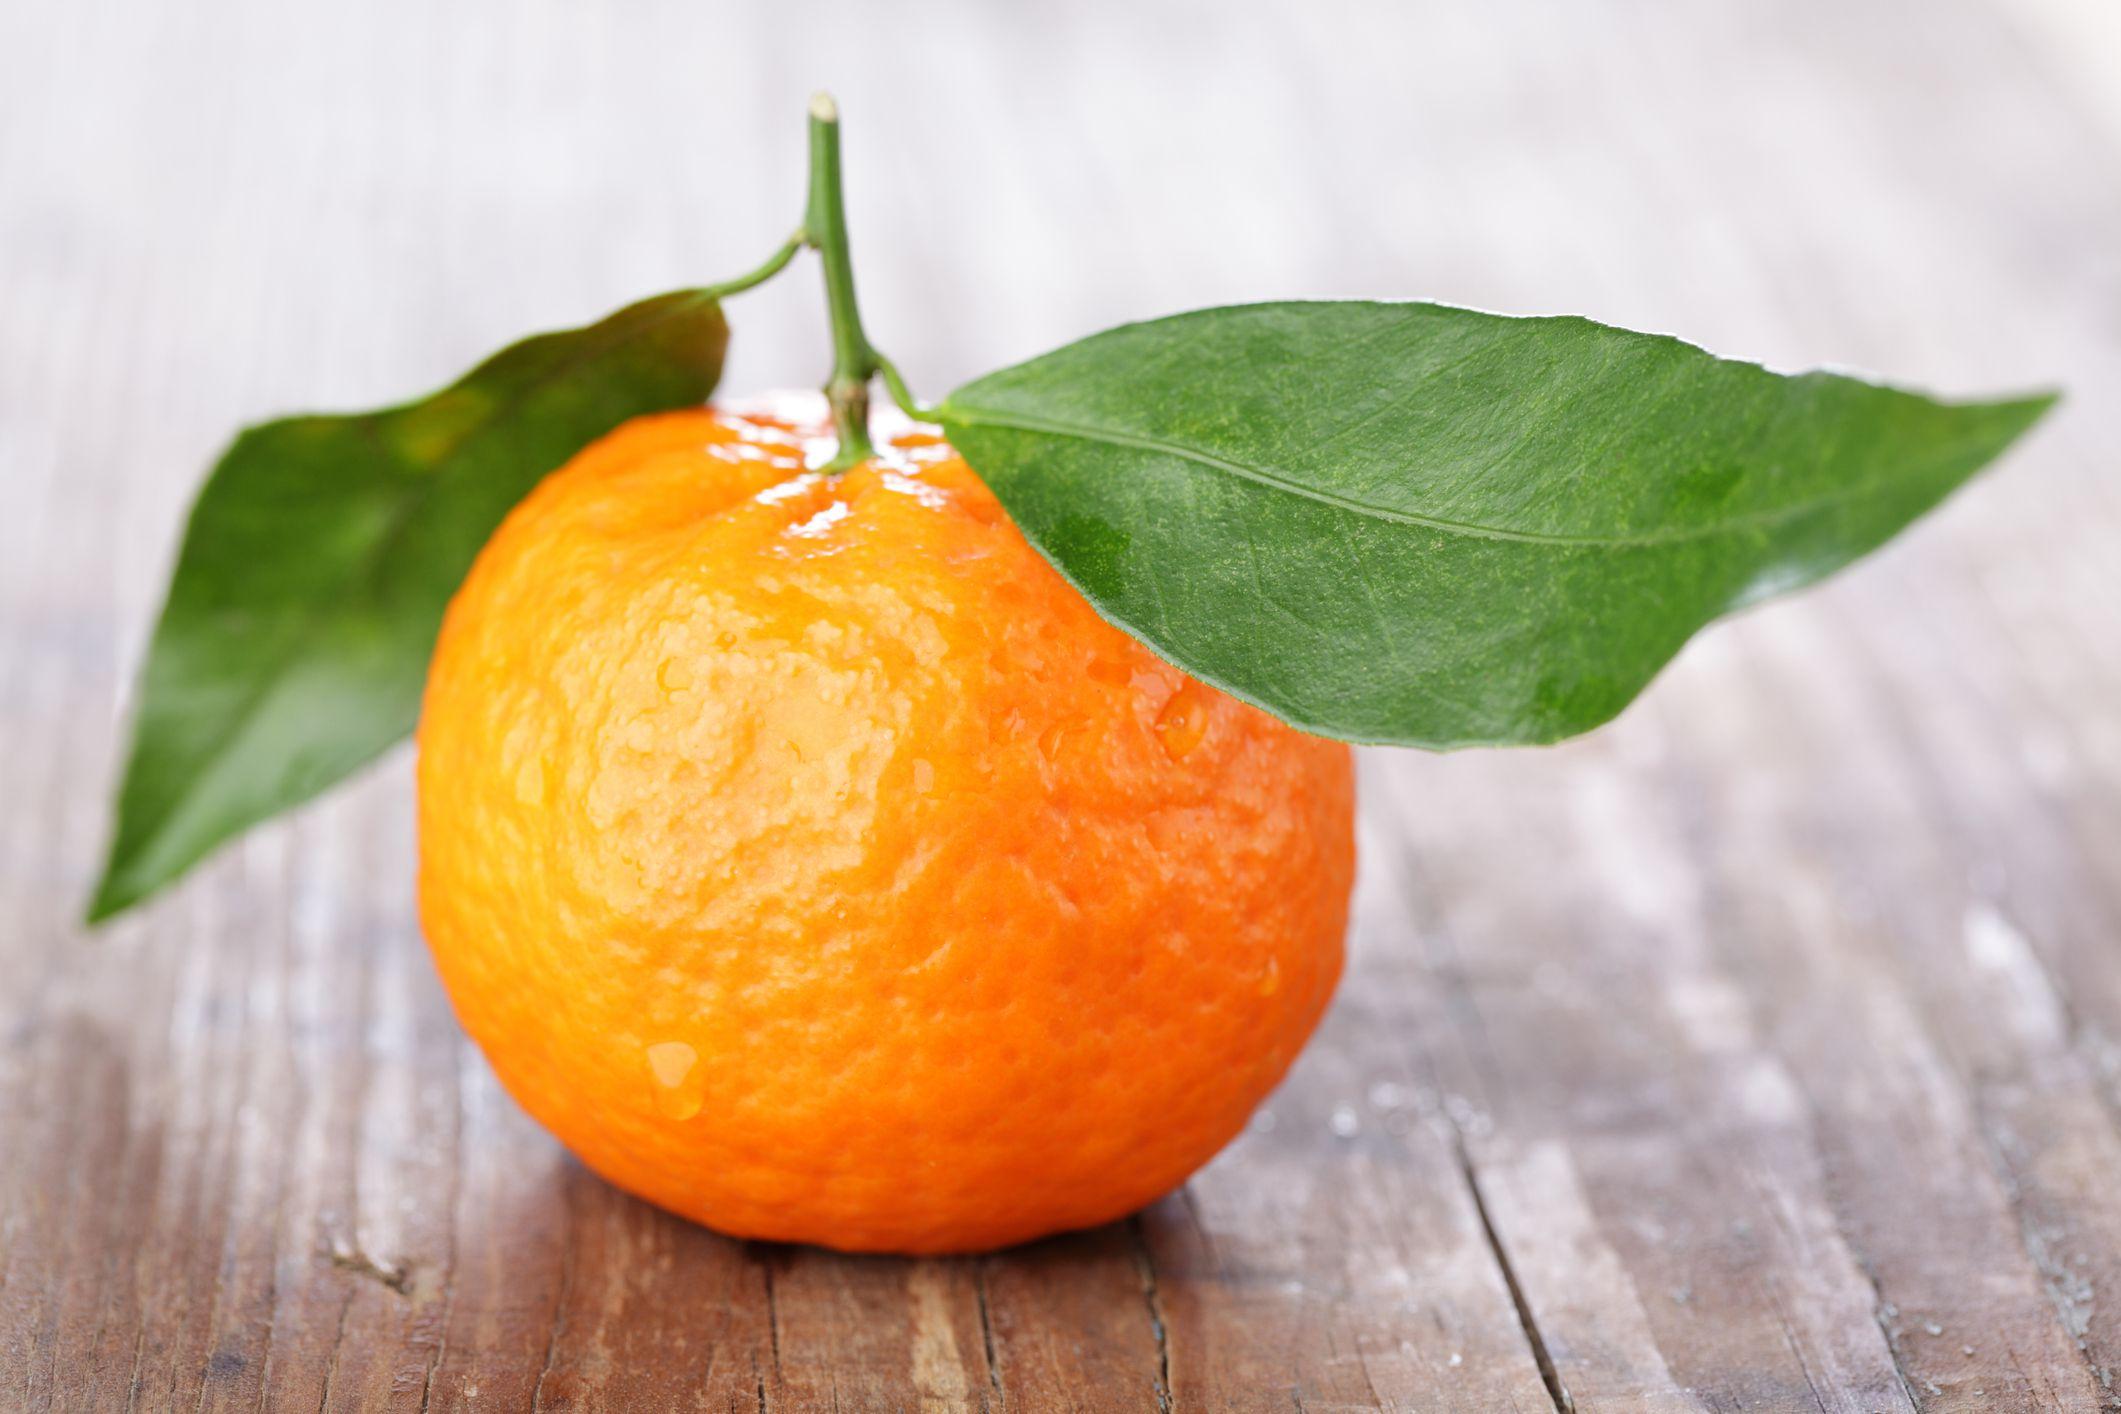 What Are Mandarin Oranges